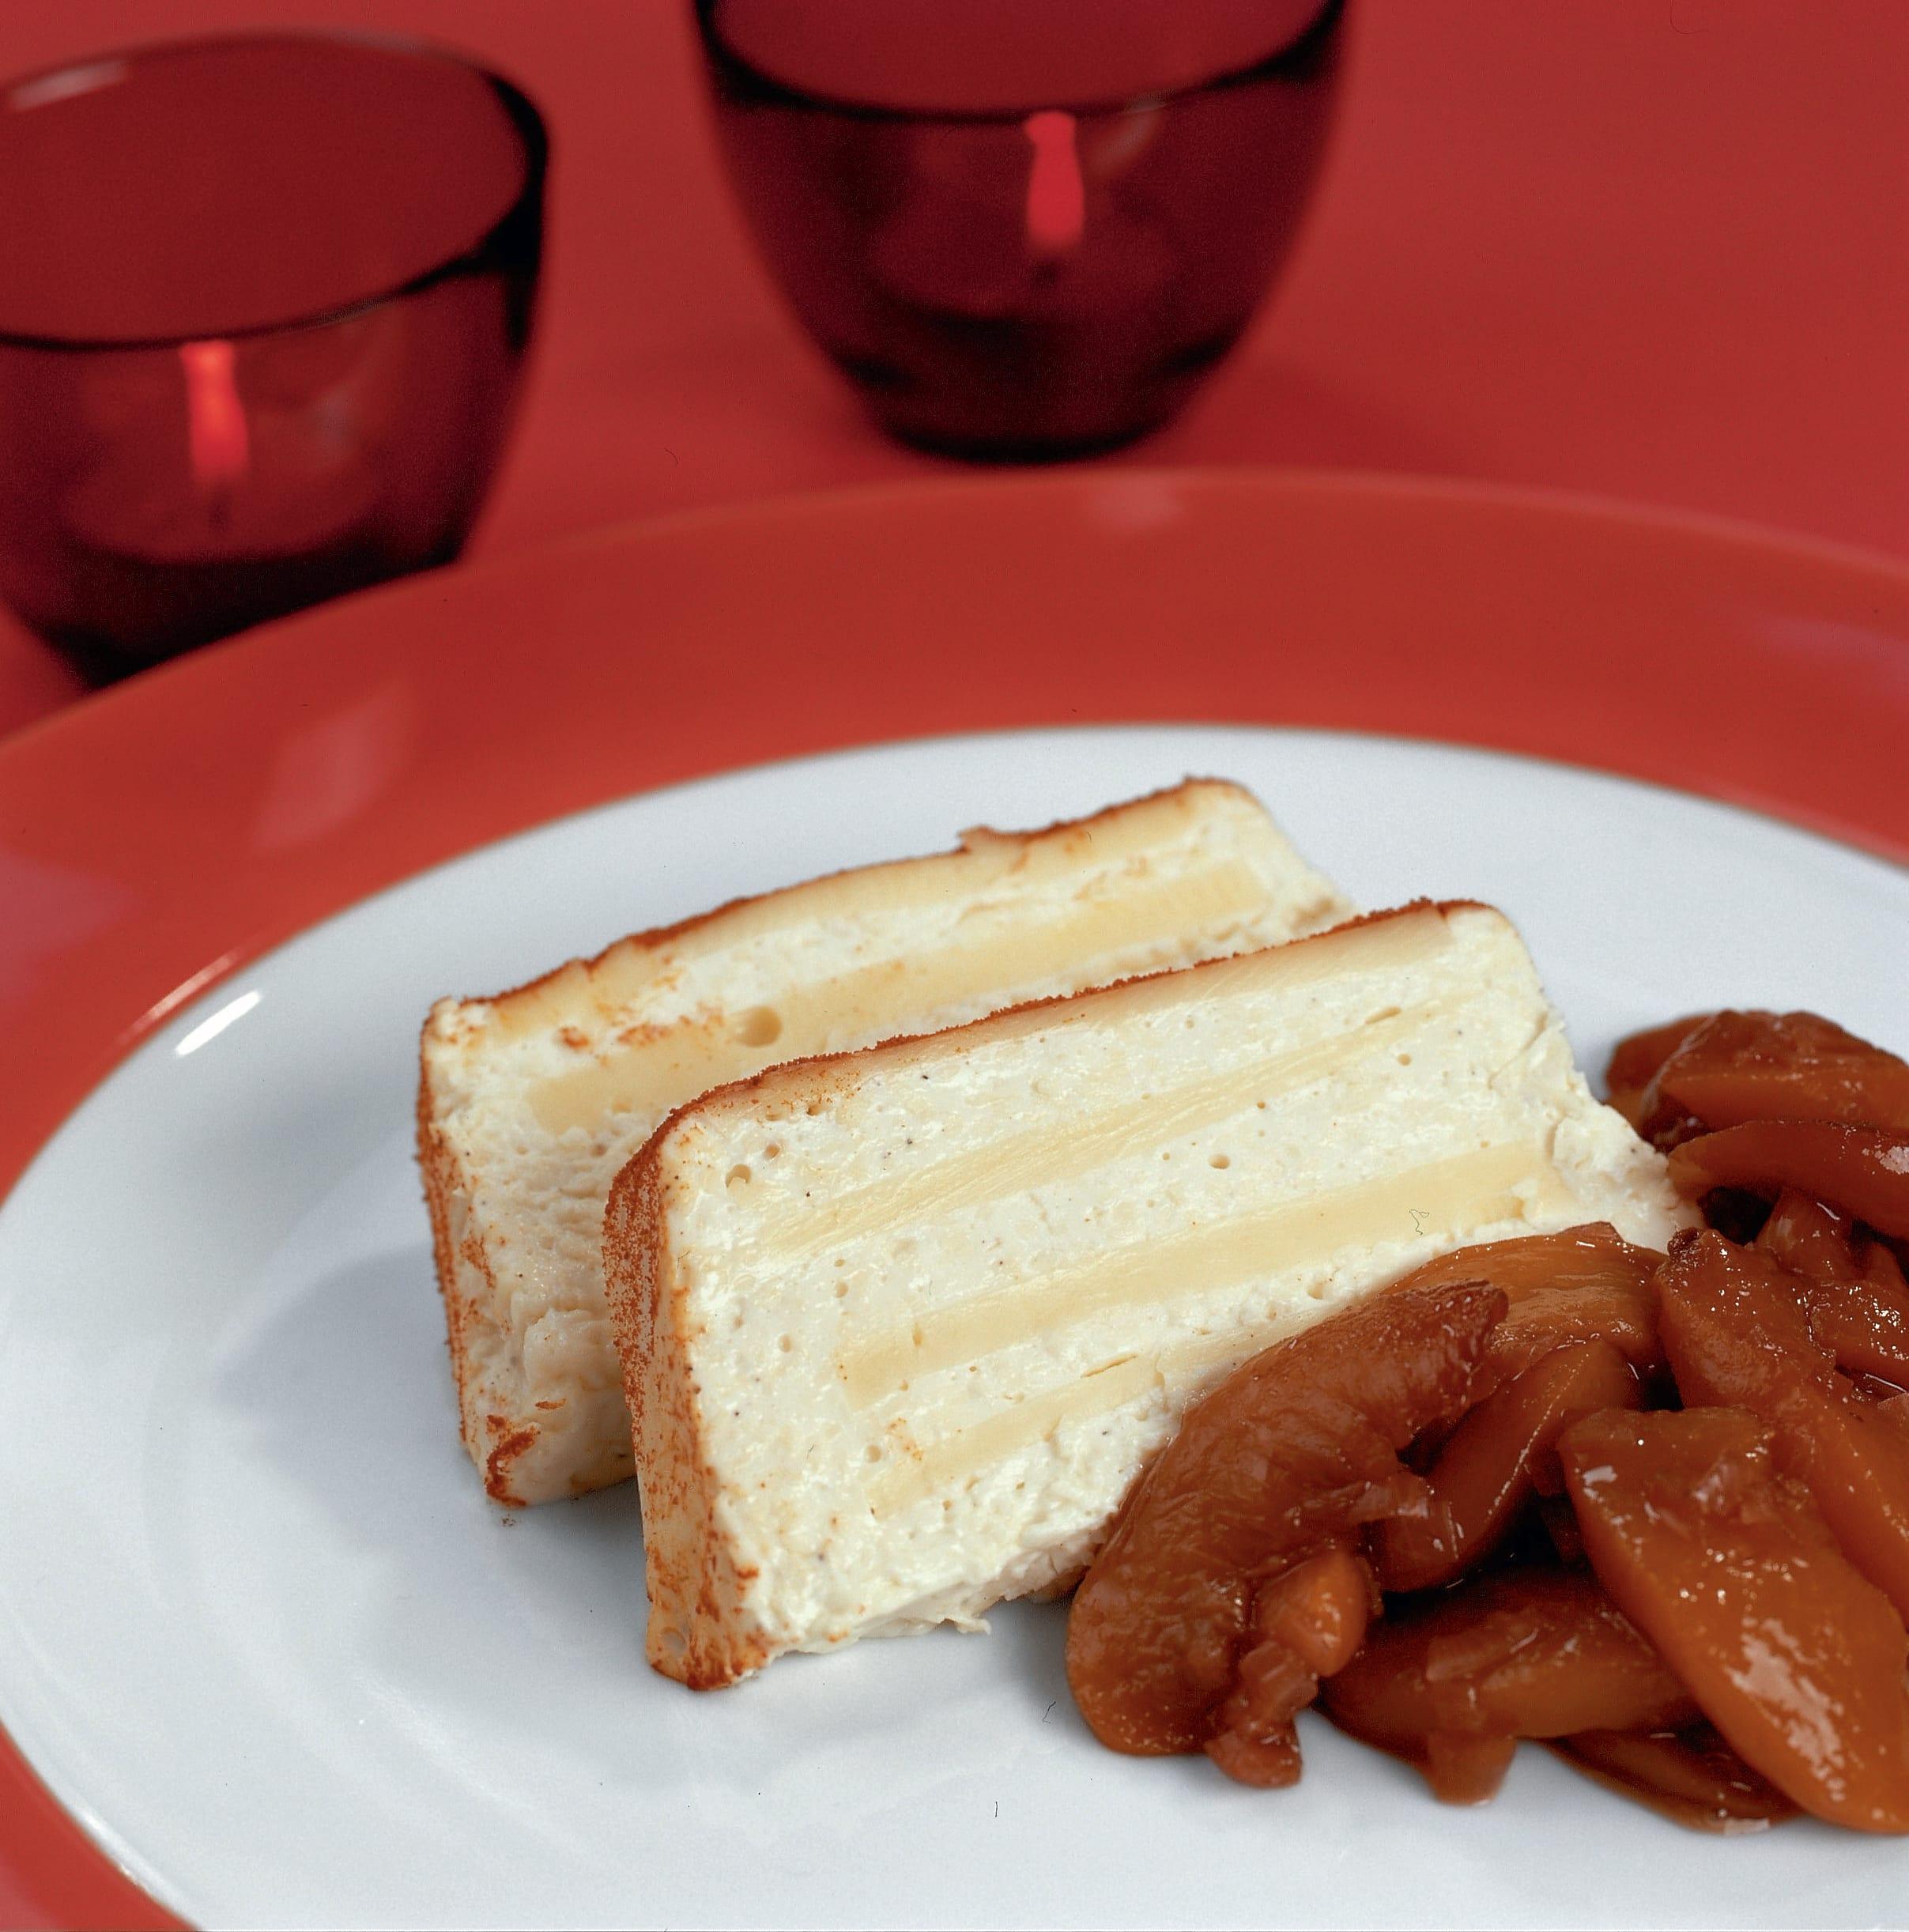 Terrine au fromage accompagnée de chutney aux pêches